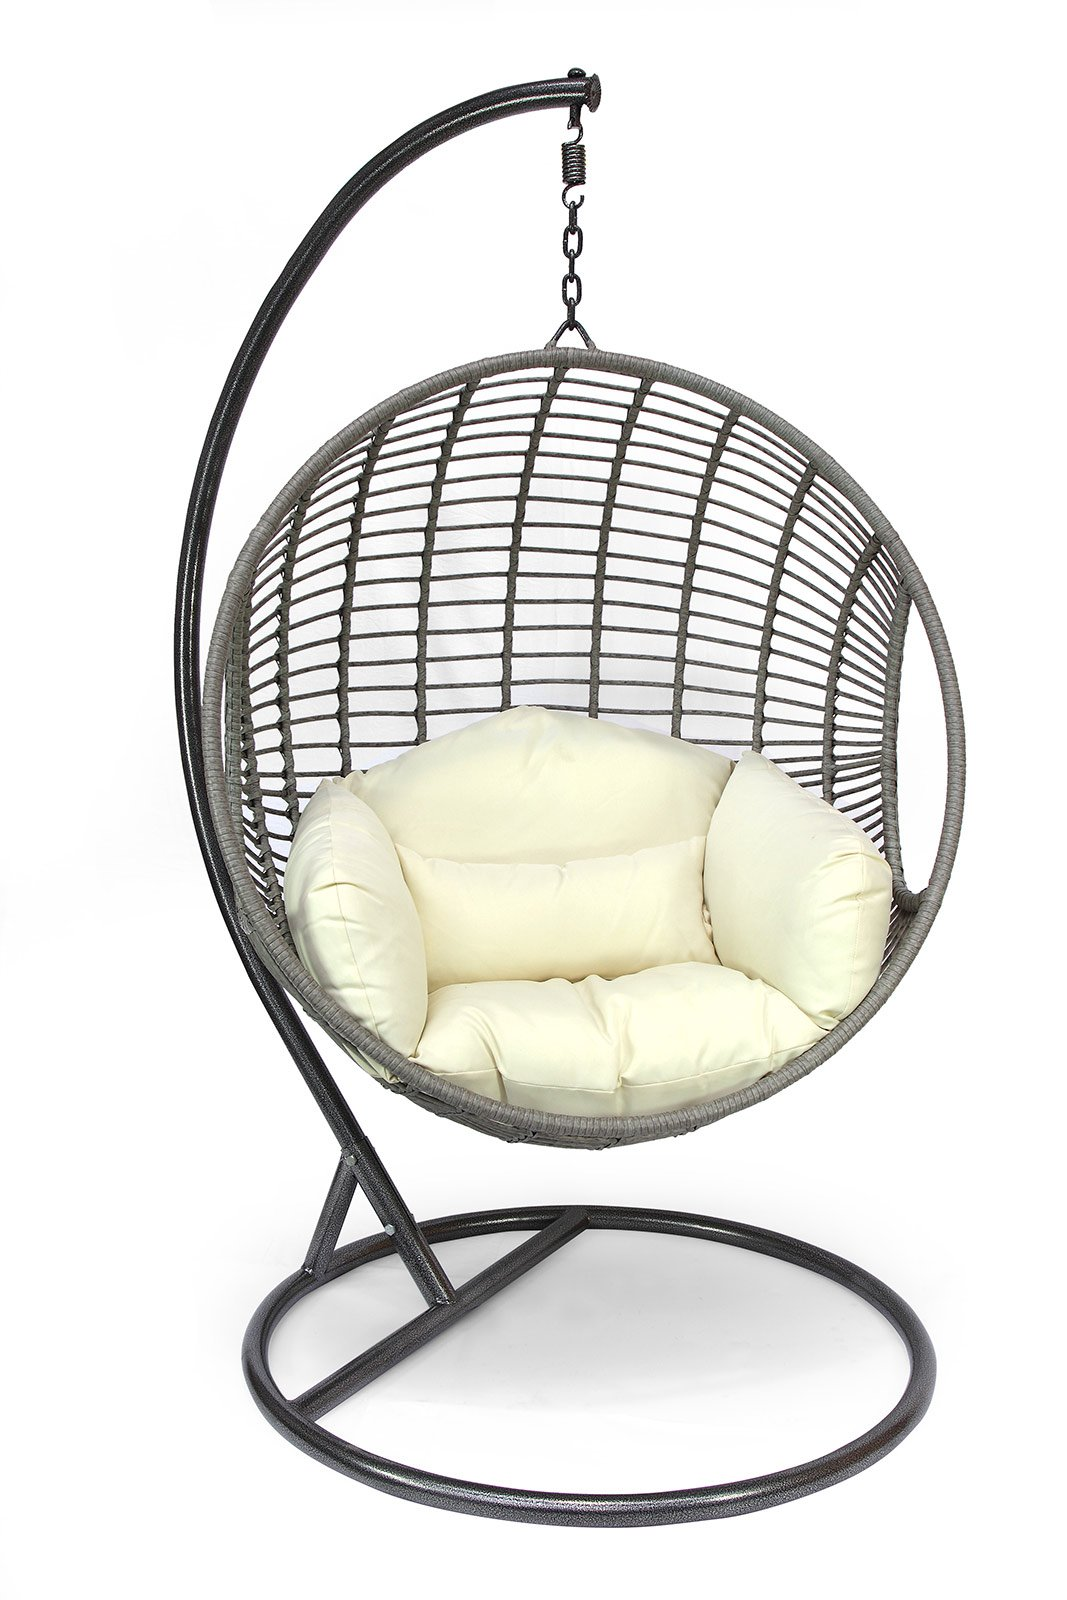 Far salotto in giardino o in terrazzo cose di casa - Cuscini per dondolo da giardino ...